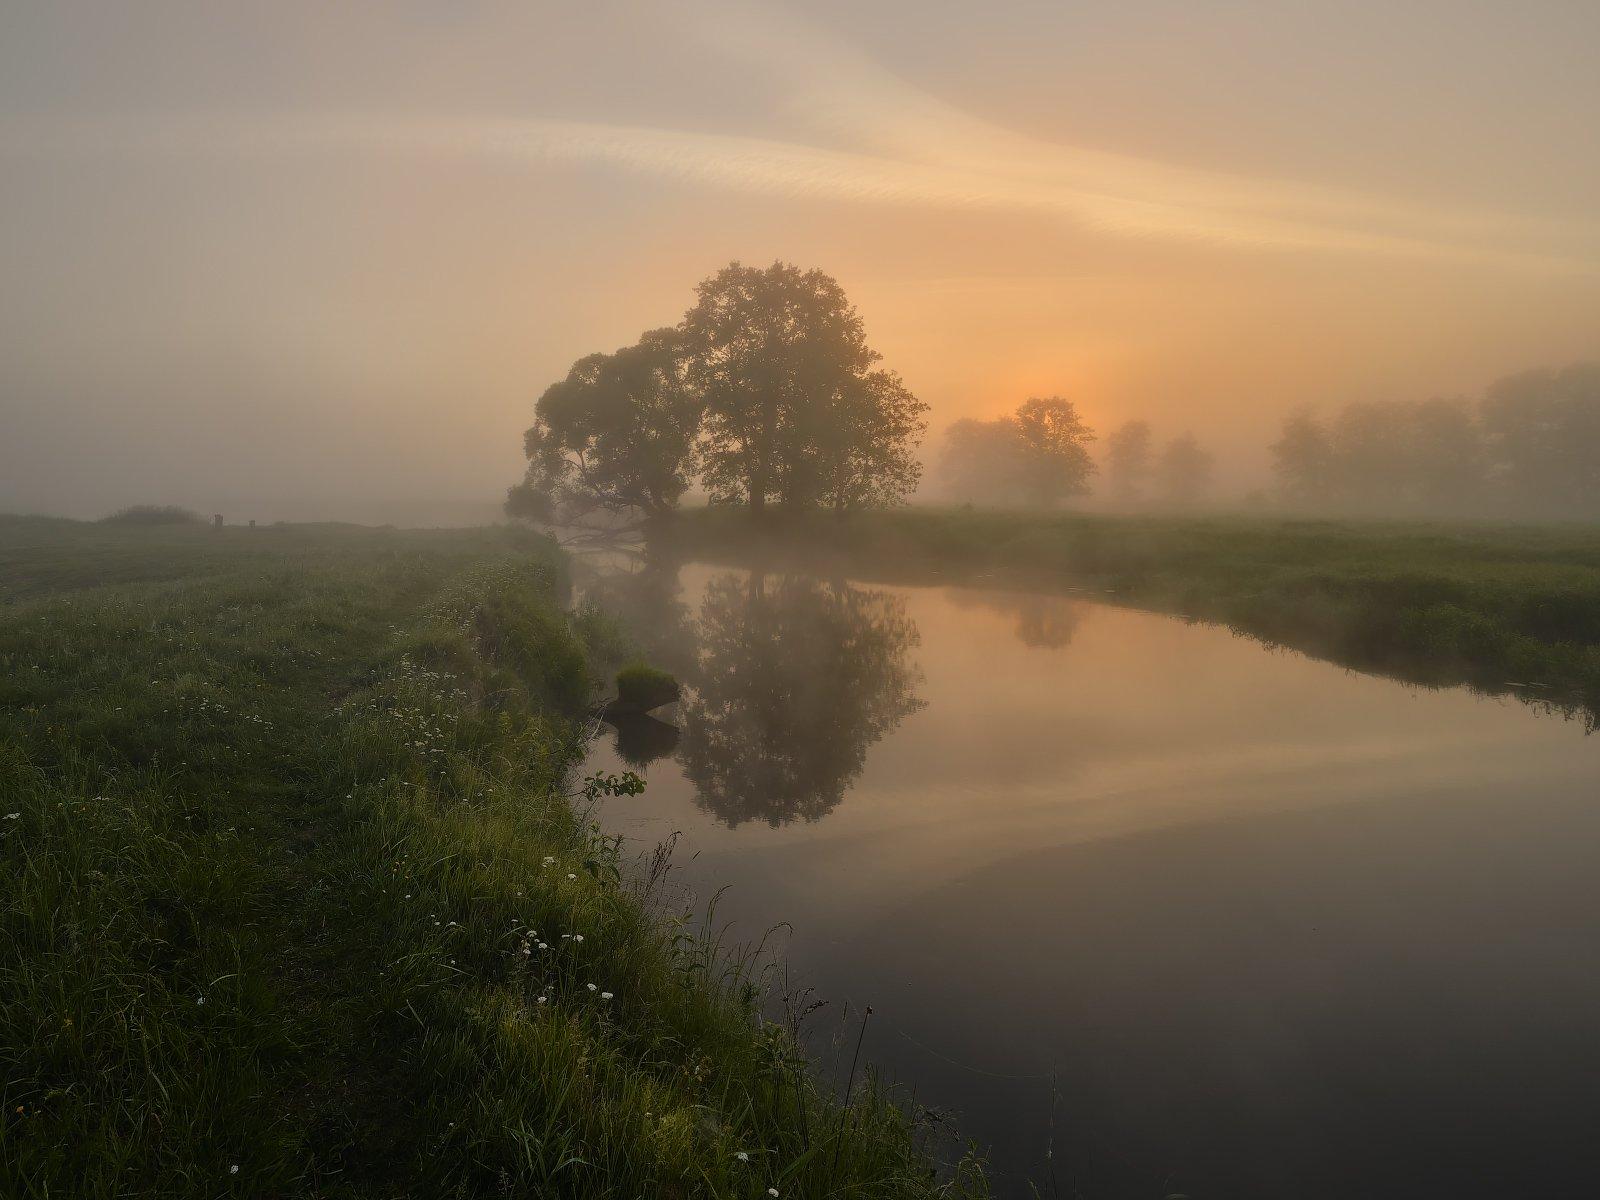 туман, рассвет, река, солнце, утро, Бельцев Григорий